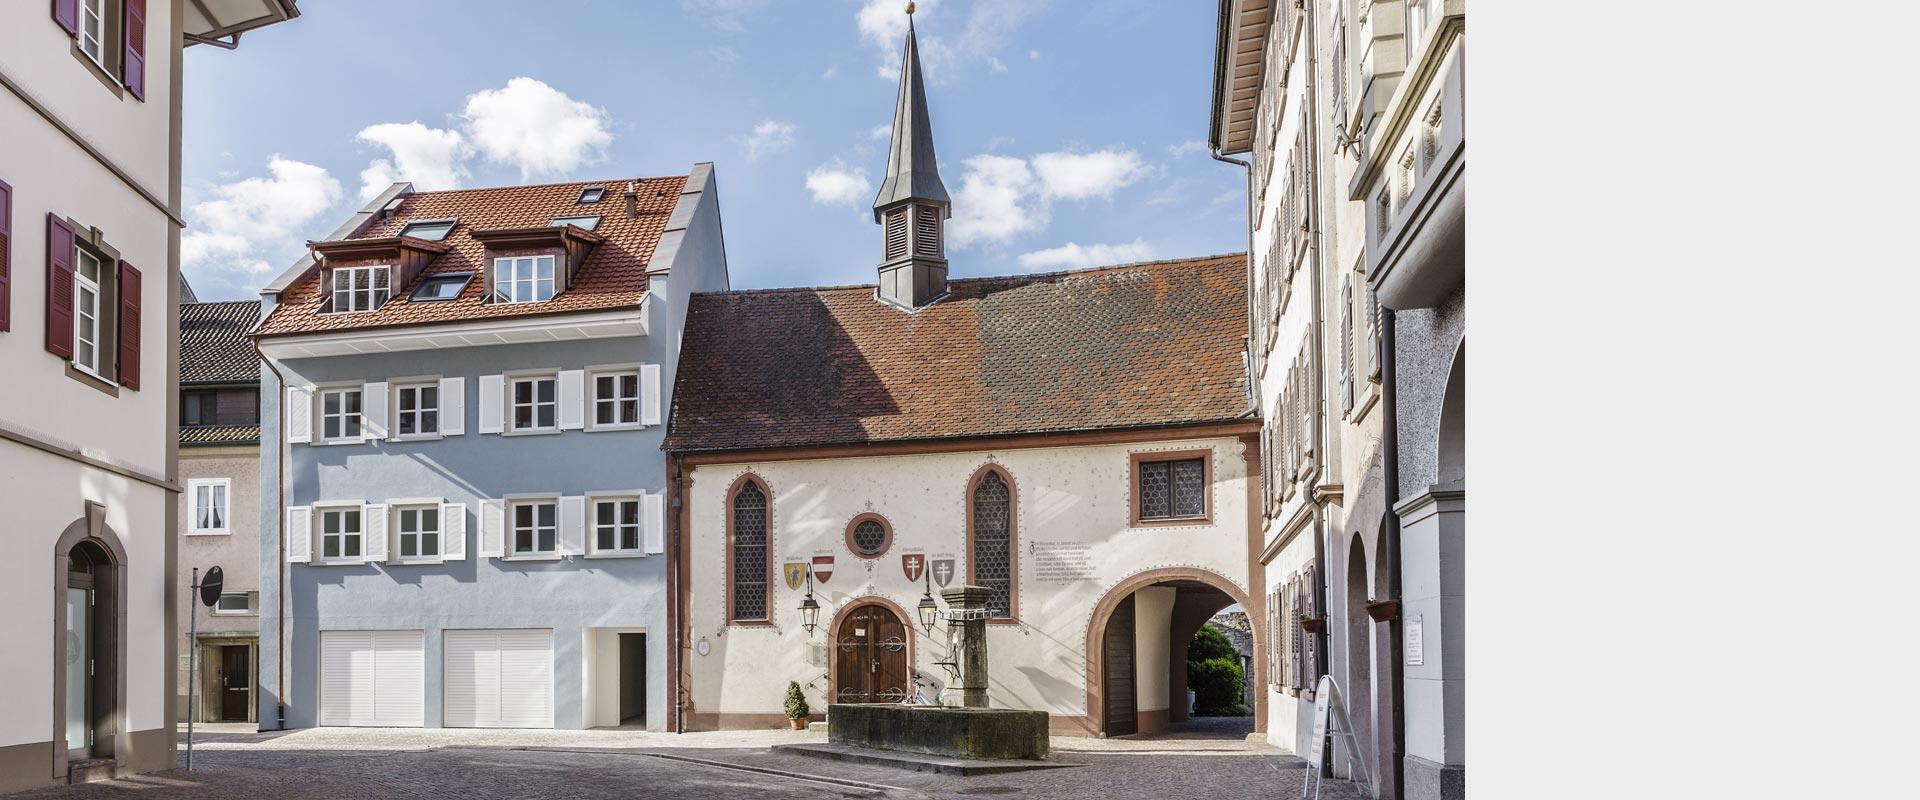 architekturbuero henning musahl waldshut Stadtwohnung